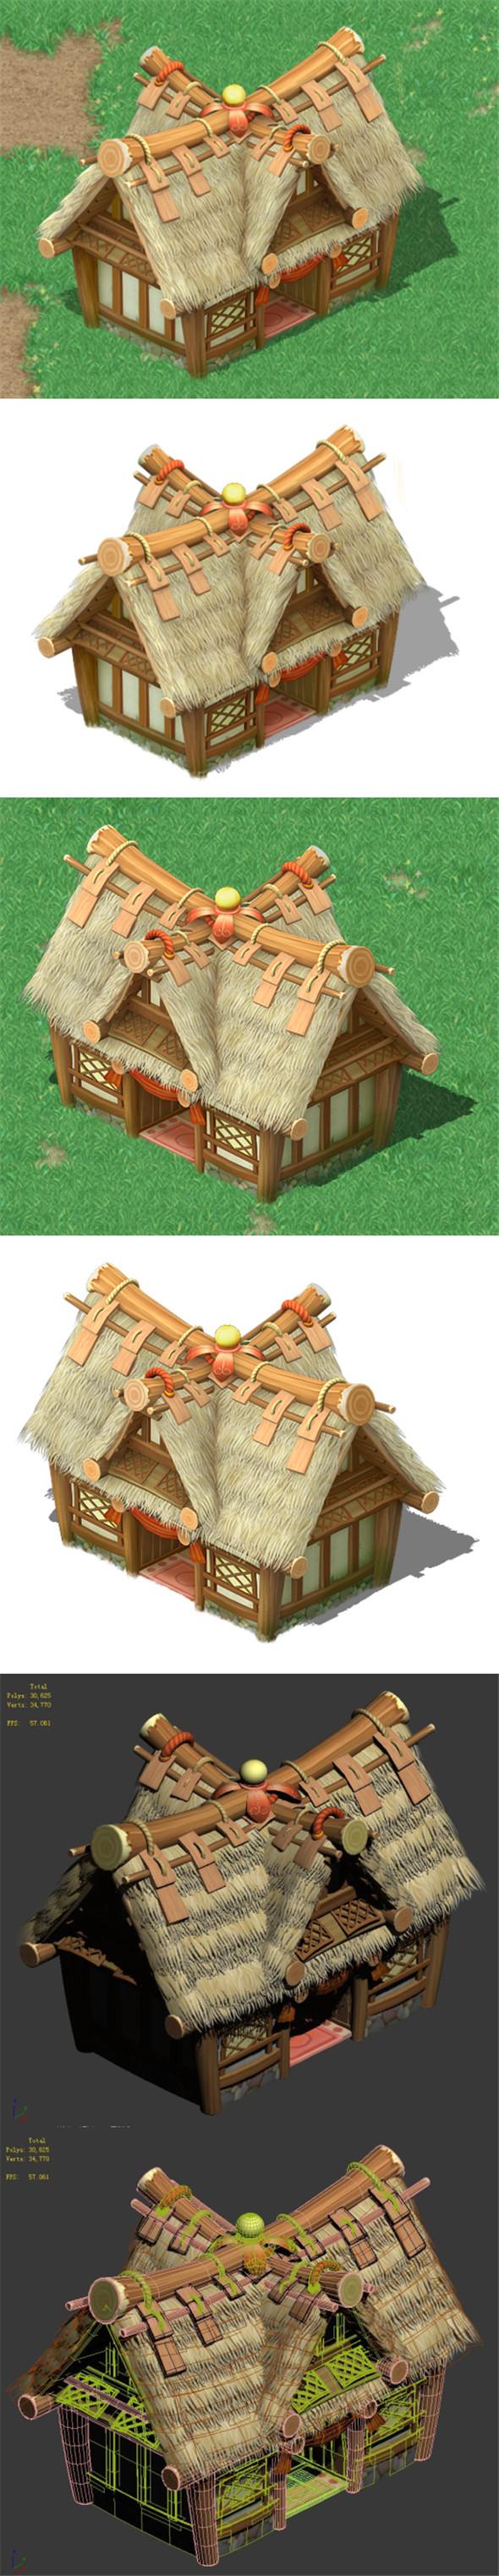 Cartoon World - House 0104 - 3DOcean Item for Sale